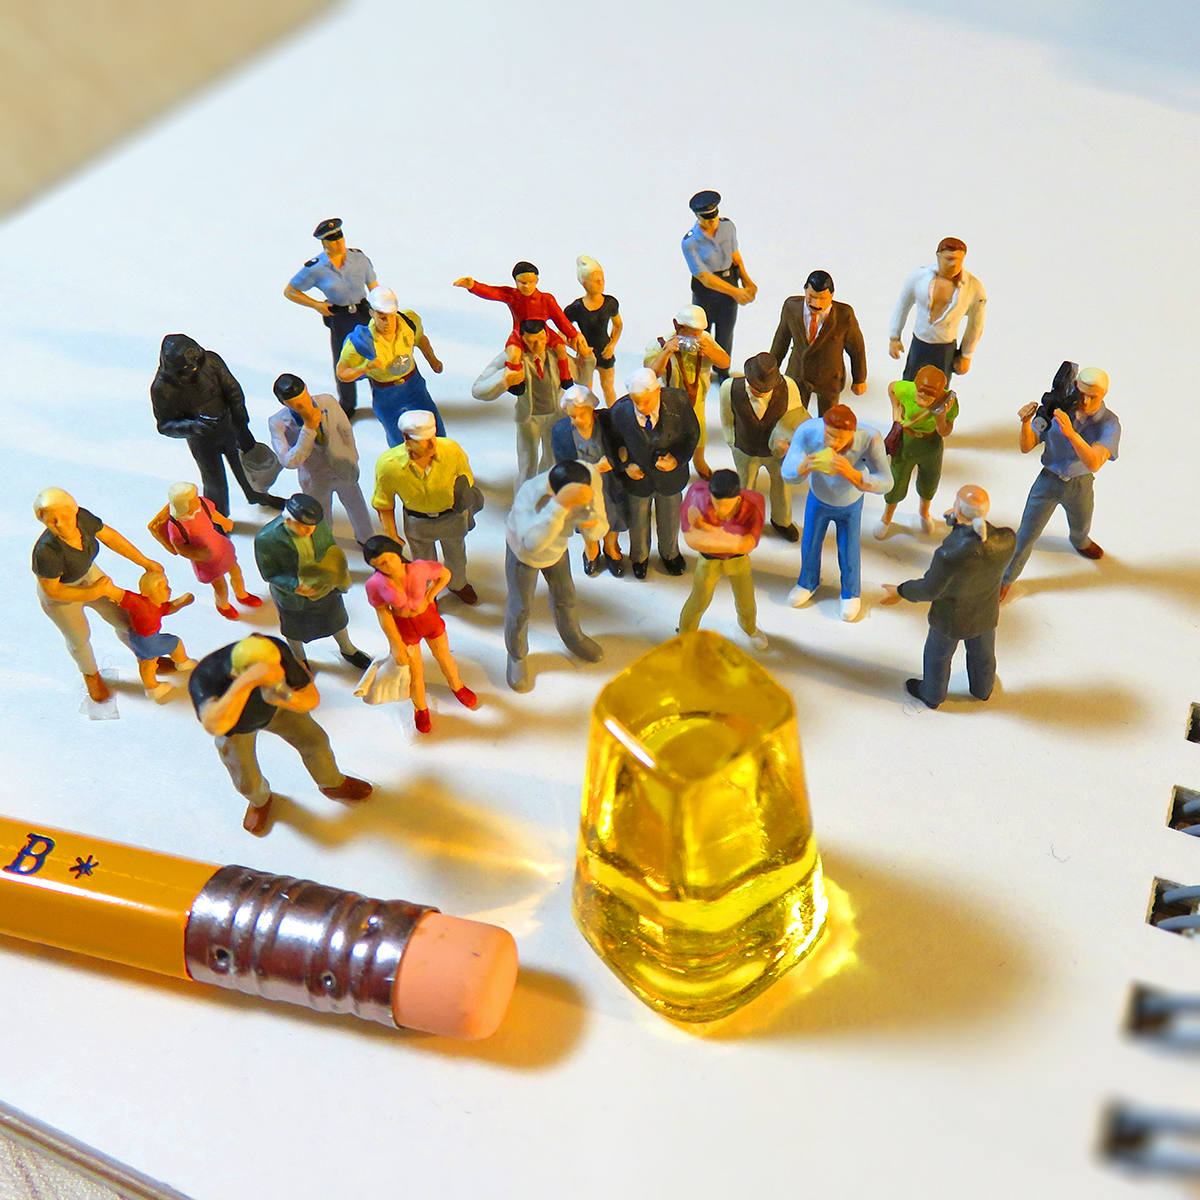 巨大な黄金糖が発見されて一目見ようと集まる人達